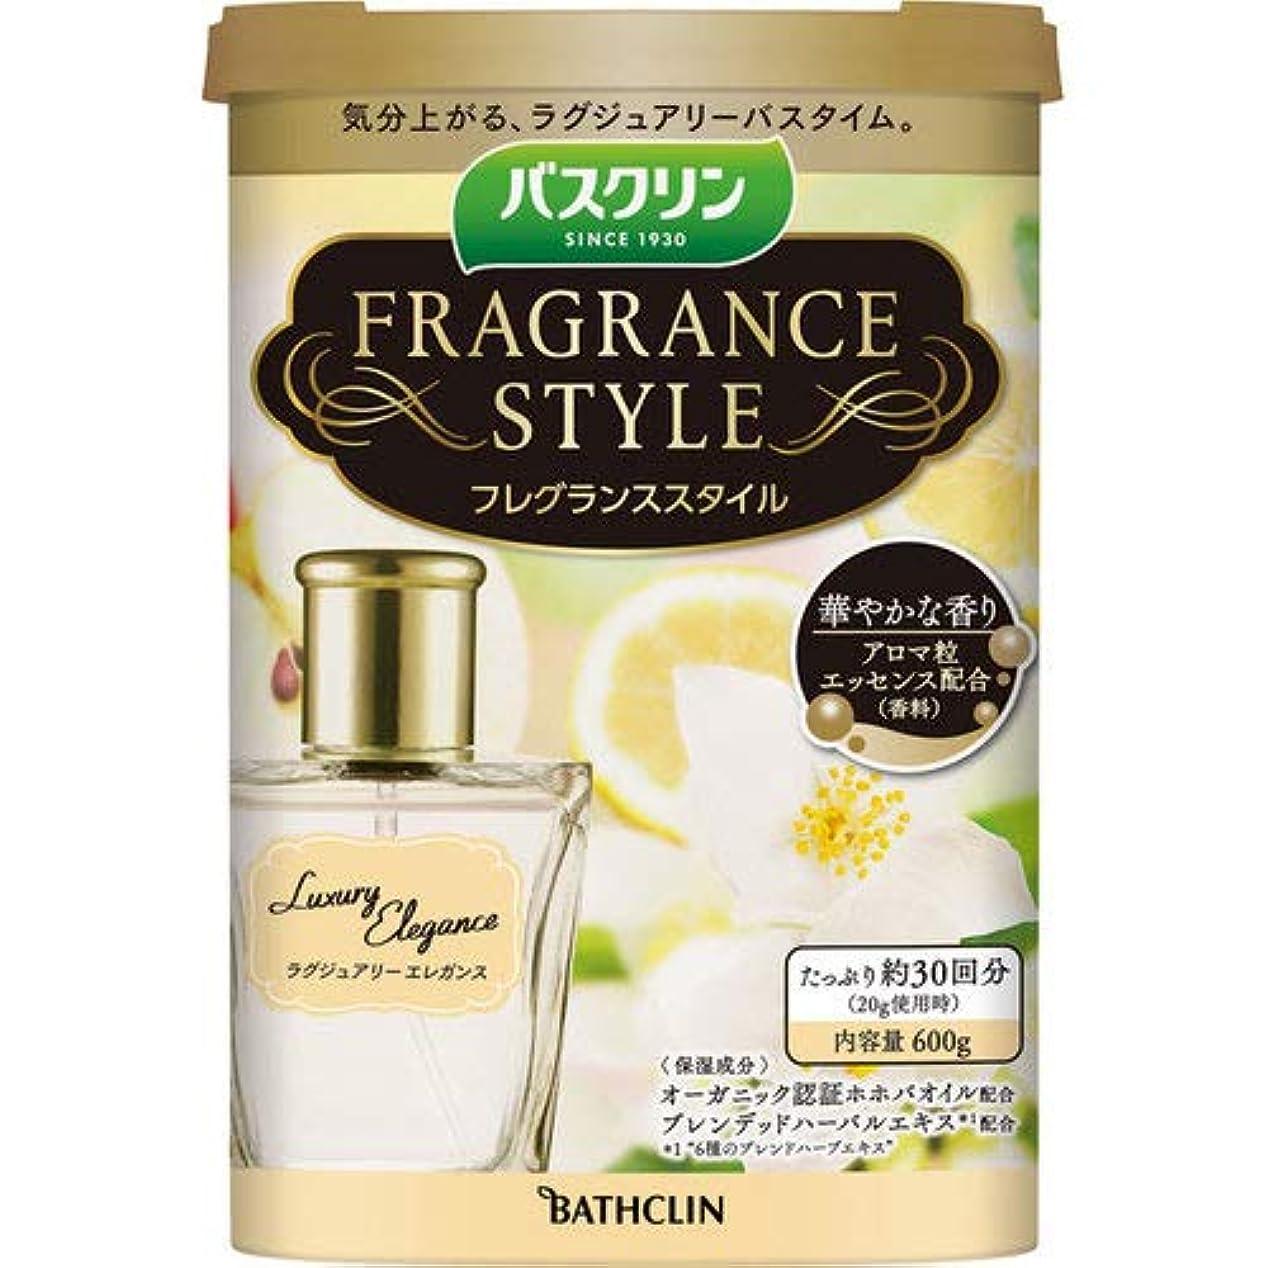 スクリーチ栄光スパイラルバスクリンフレグランススタイルラグジュアリー エレガンス 入浴剤 フローラルムスク調の香りの入浴剤 600g